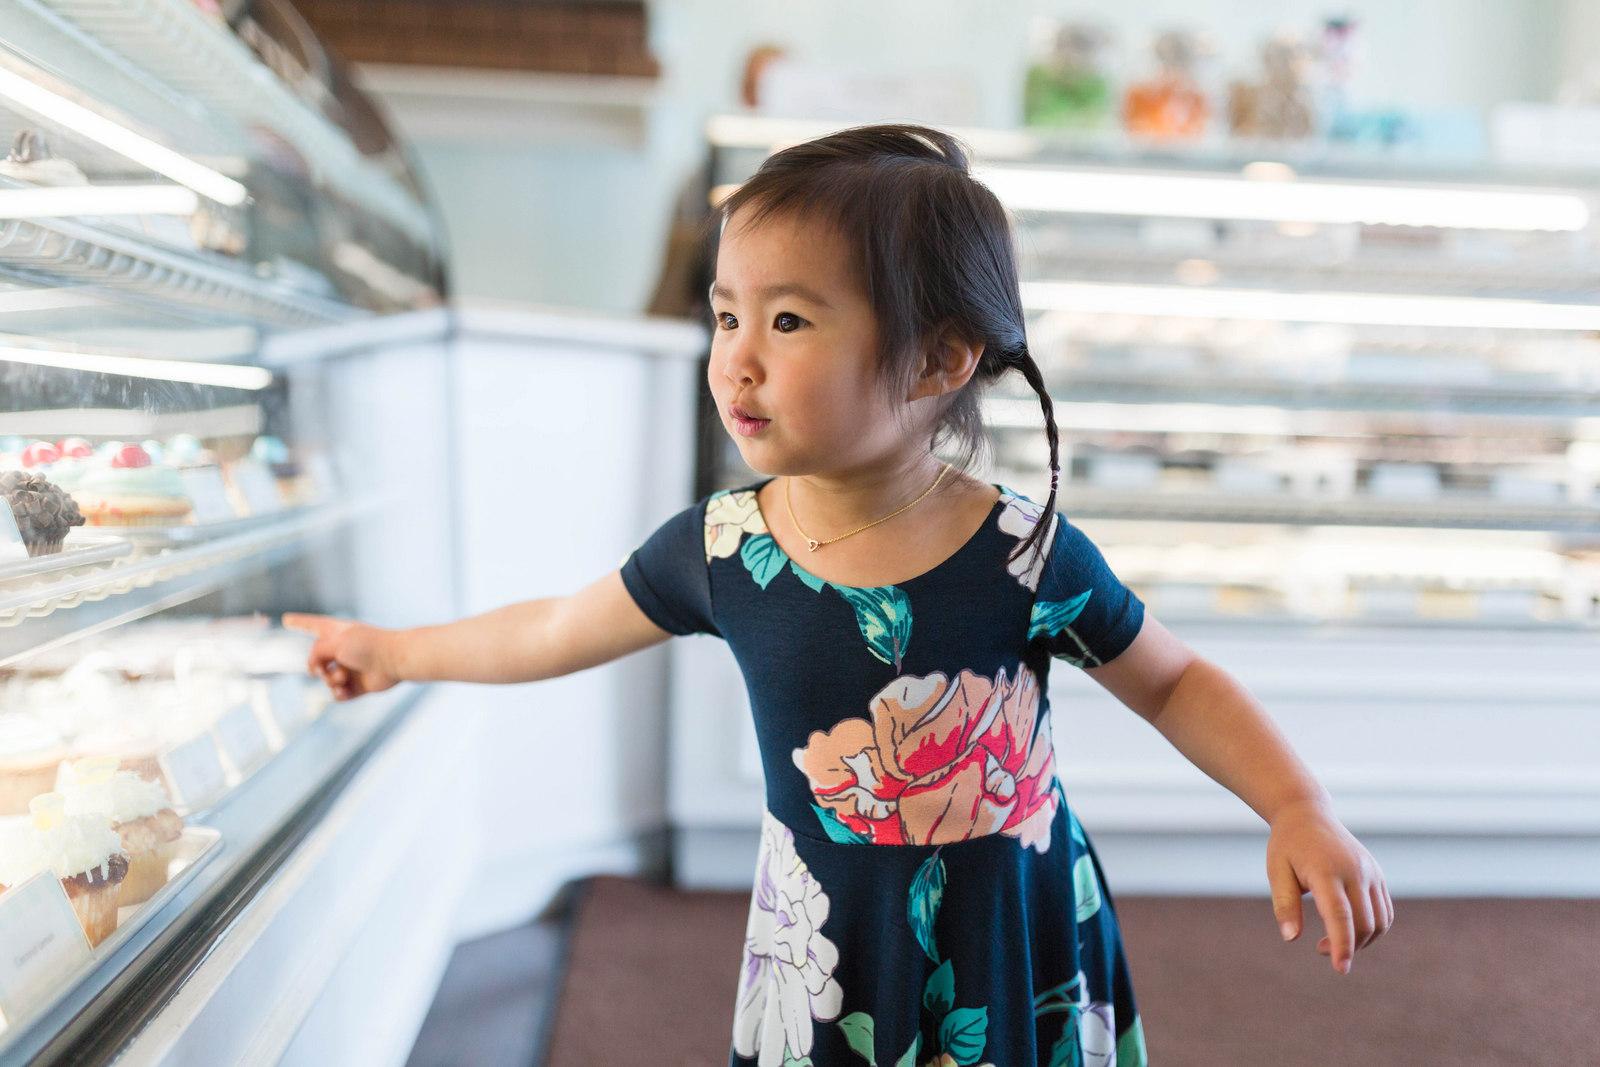 Toddler girl floral dress